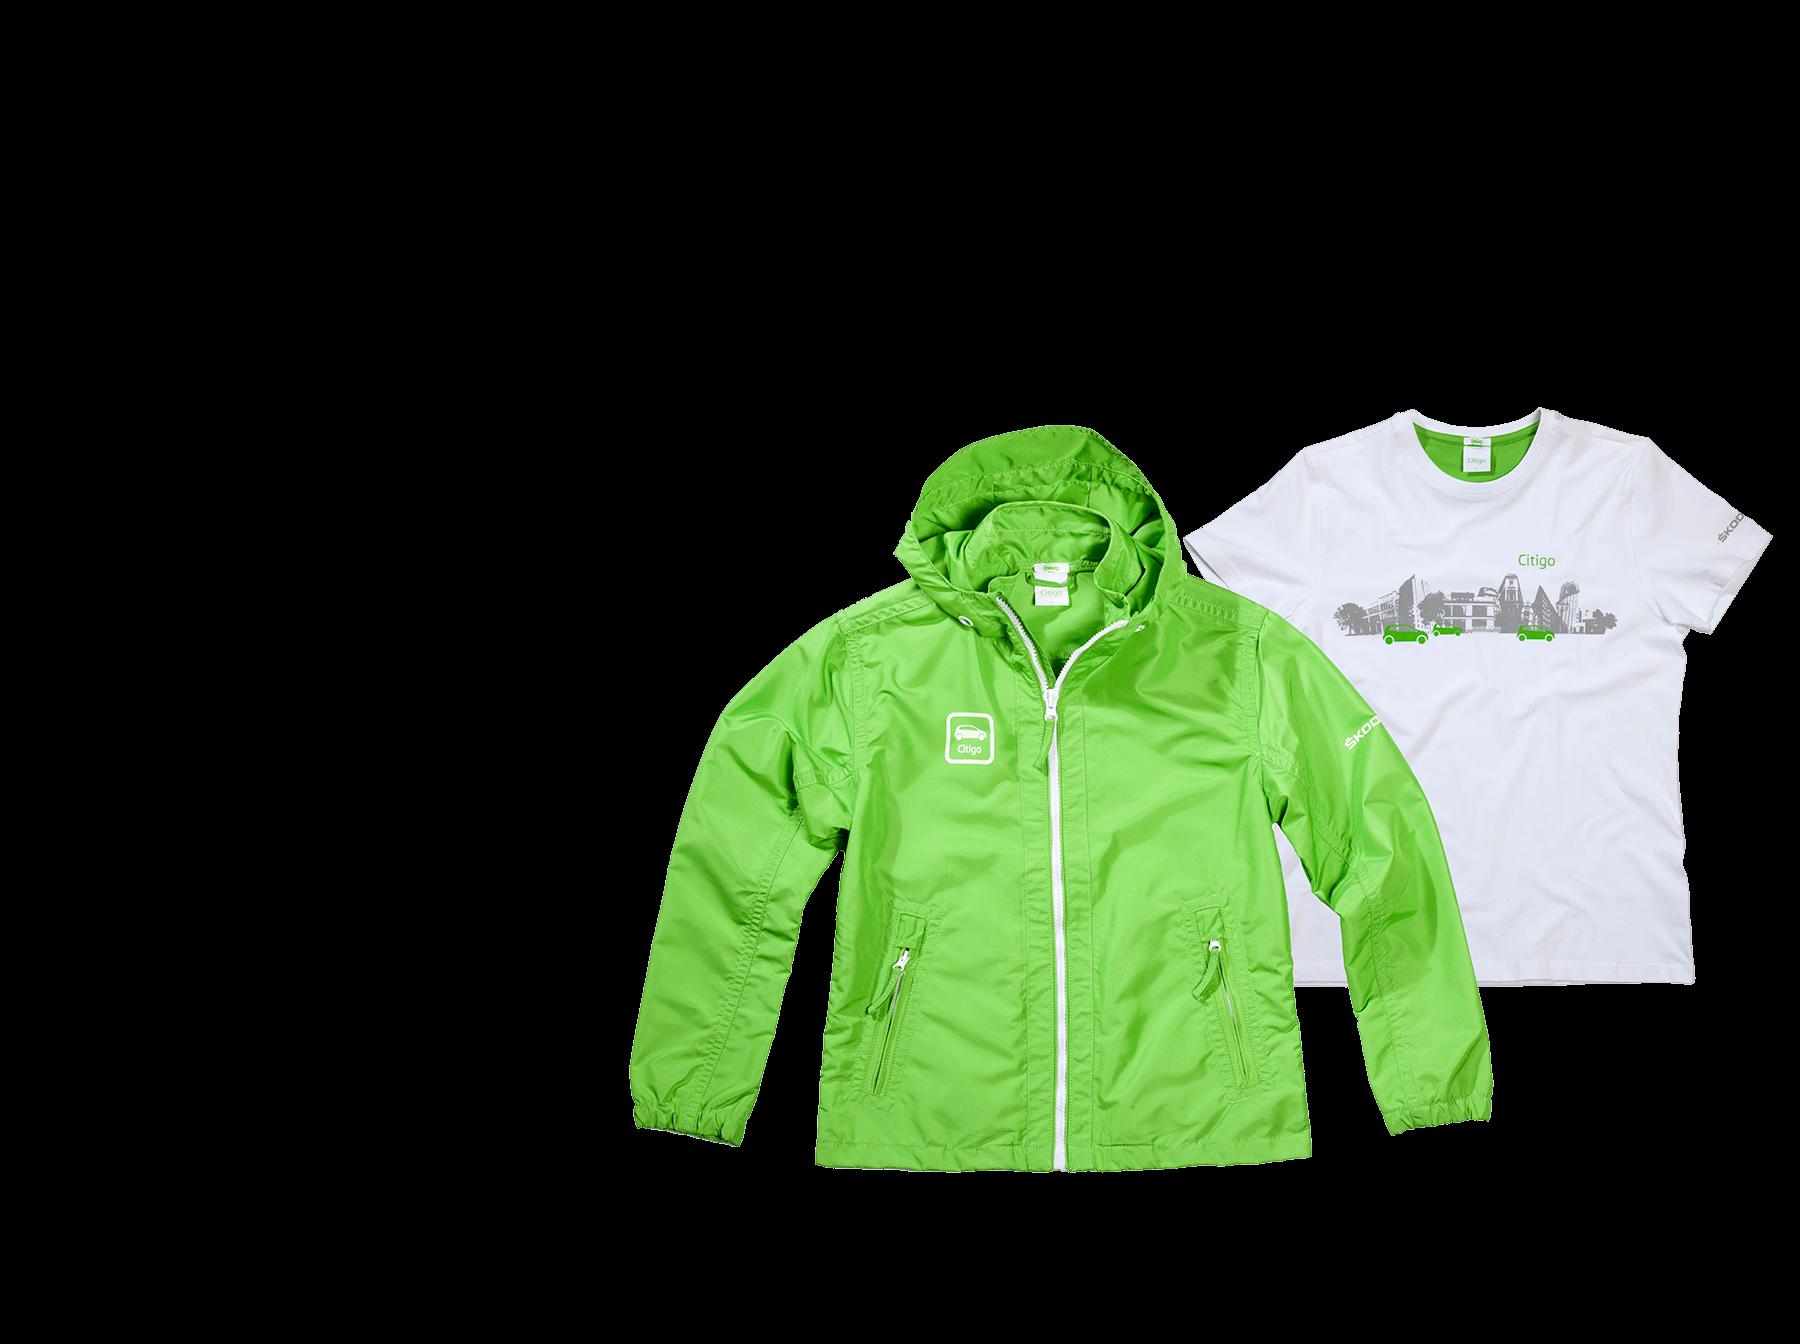 Skoda Citigo Promotion Bekleidung in weiß und grün